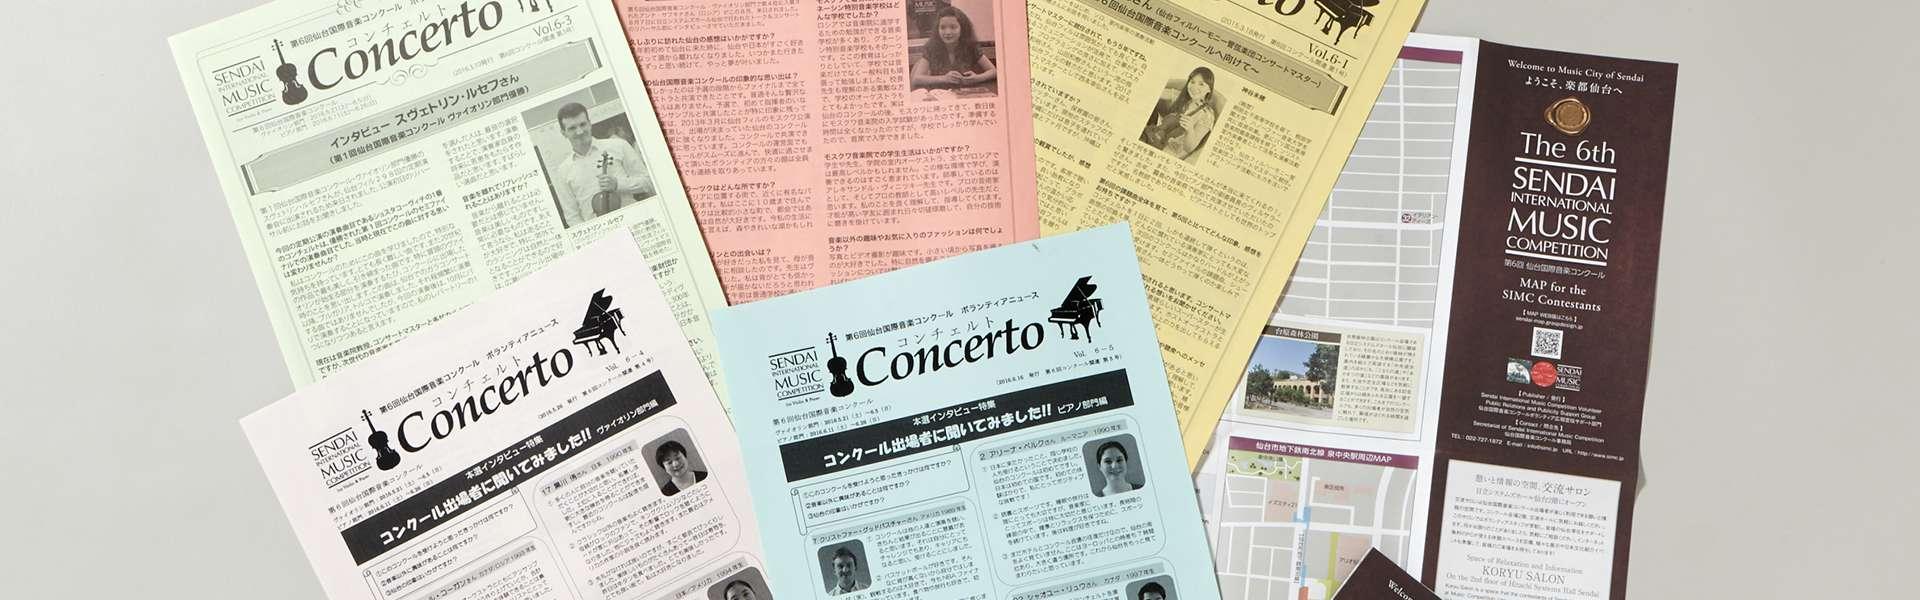 広報誌「コンチェルト」 | 仙台国際音楽コンクール公式サイト